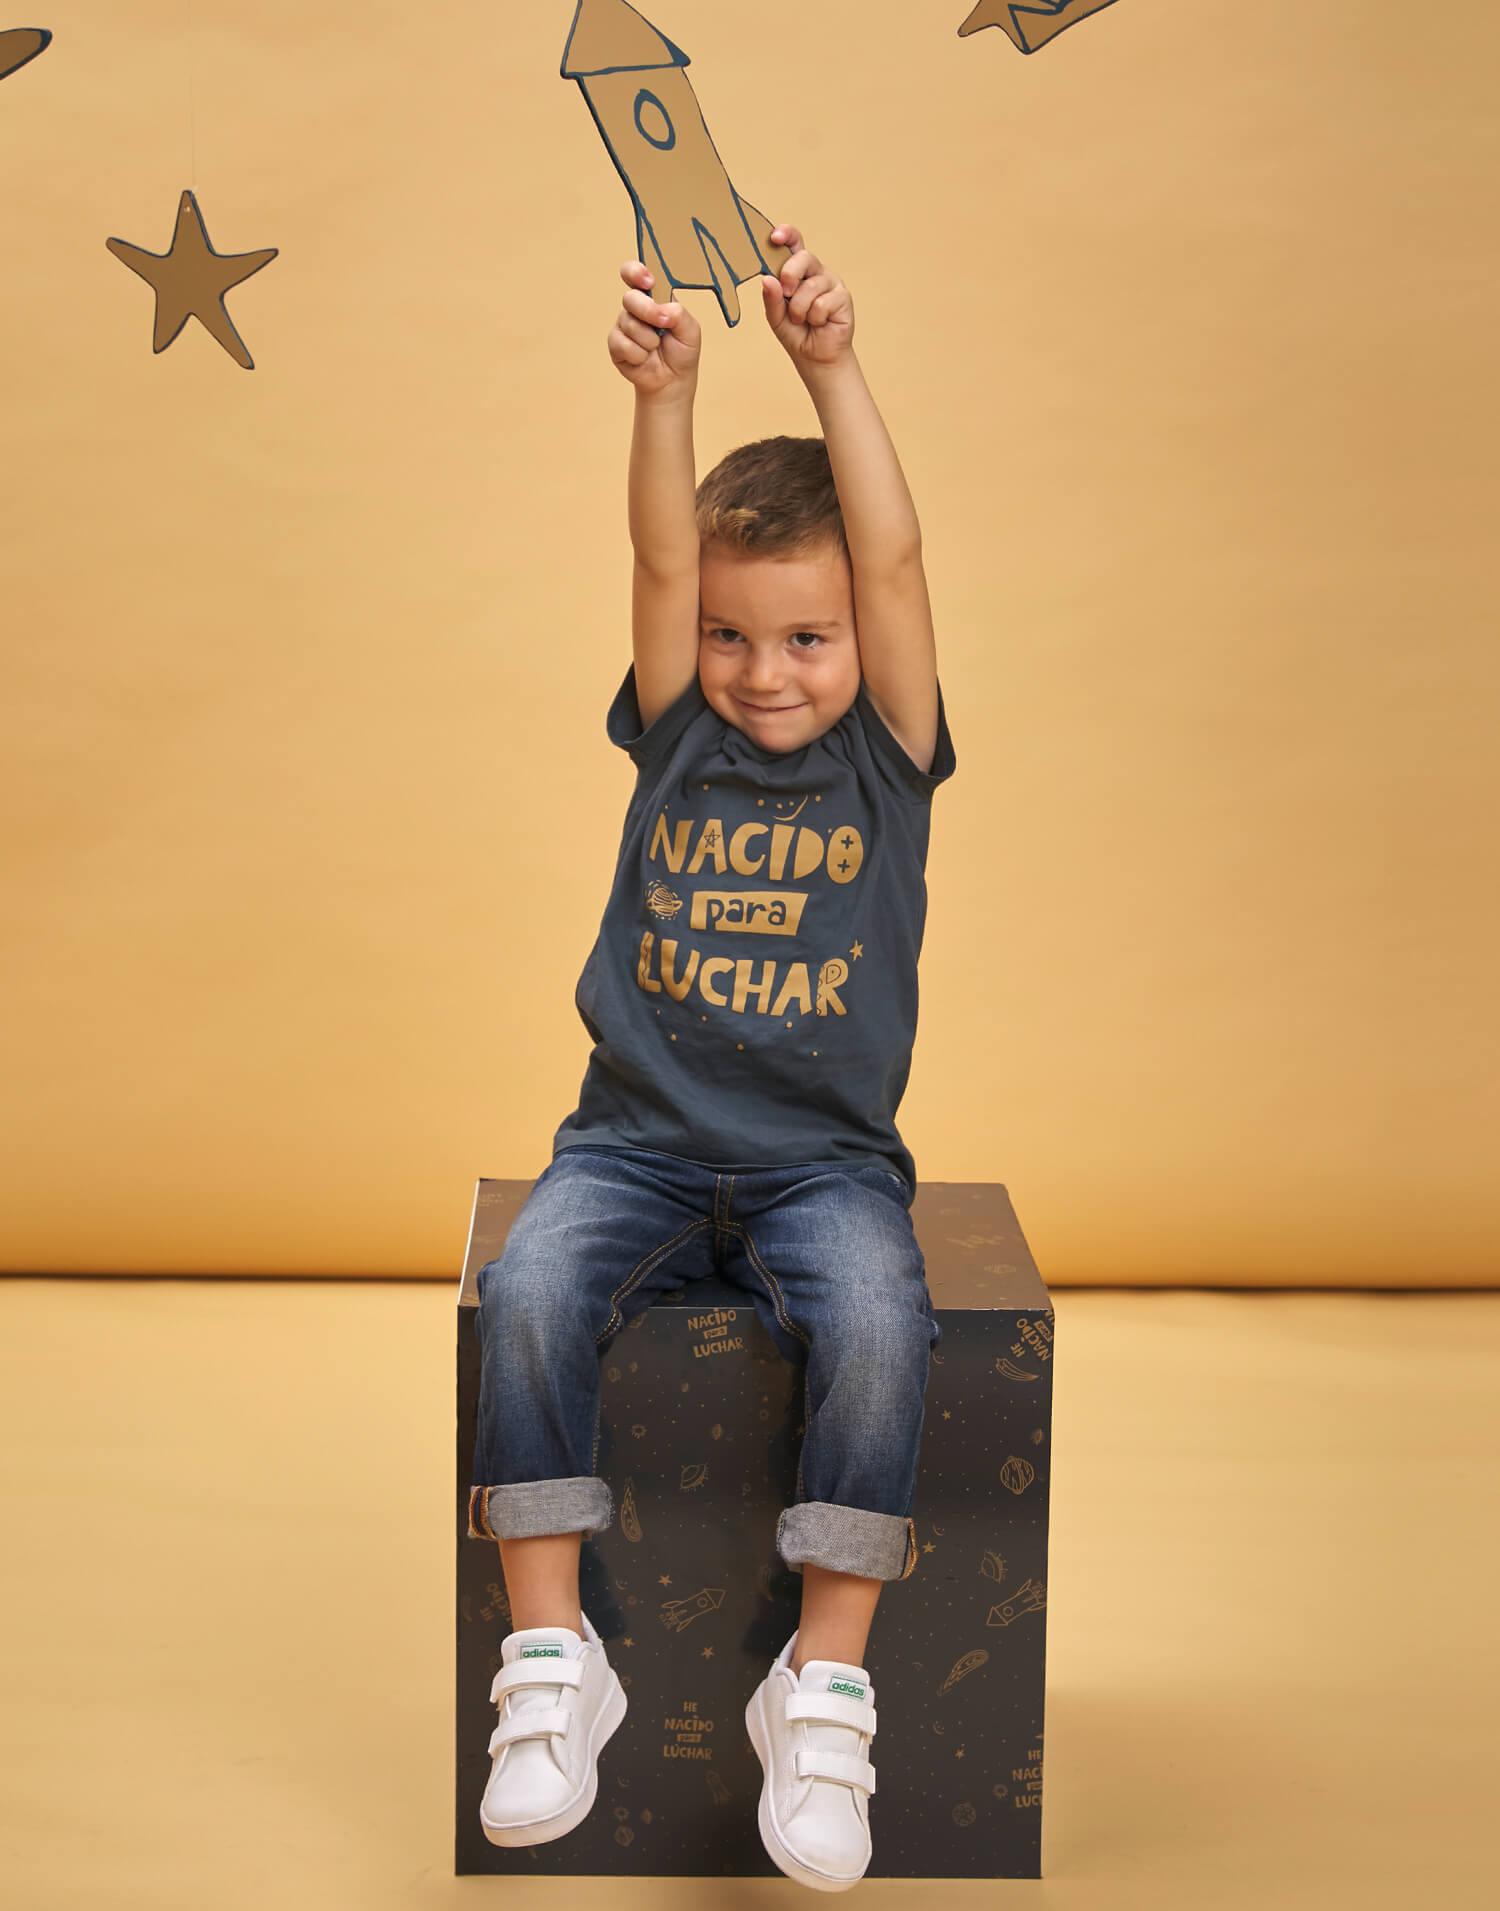 Camiseta de niño 2019 'Nacido para luchar'